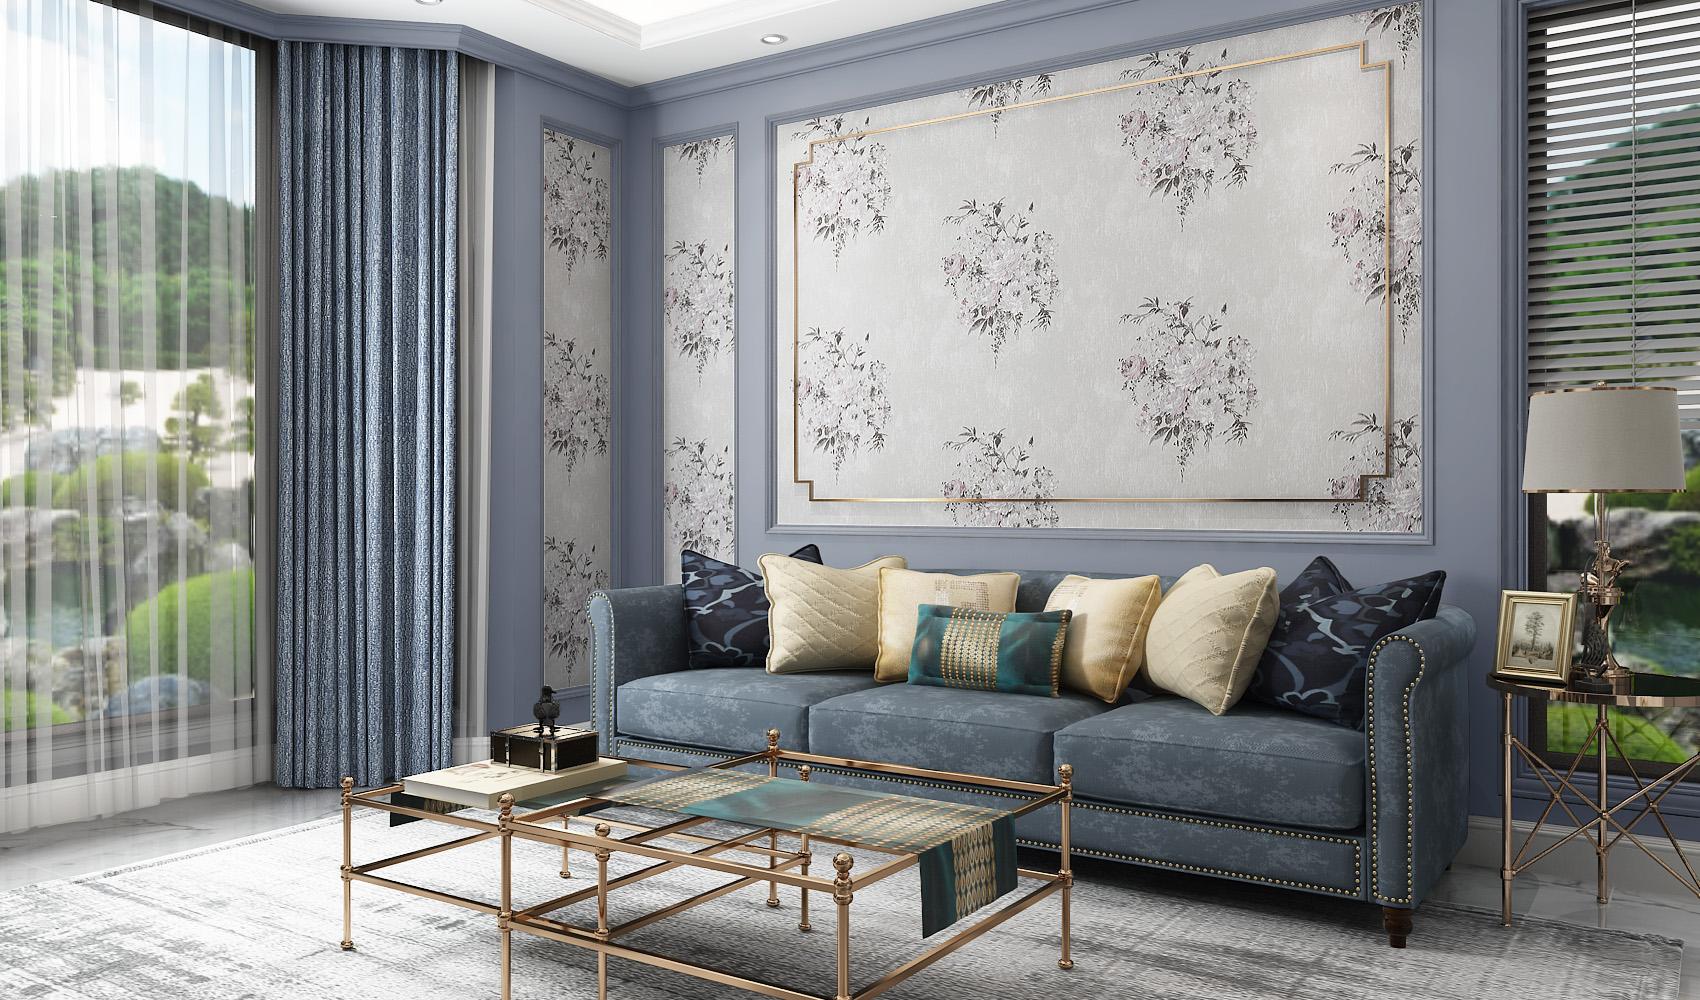 中式花纹沙发背景墙